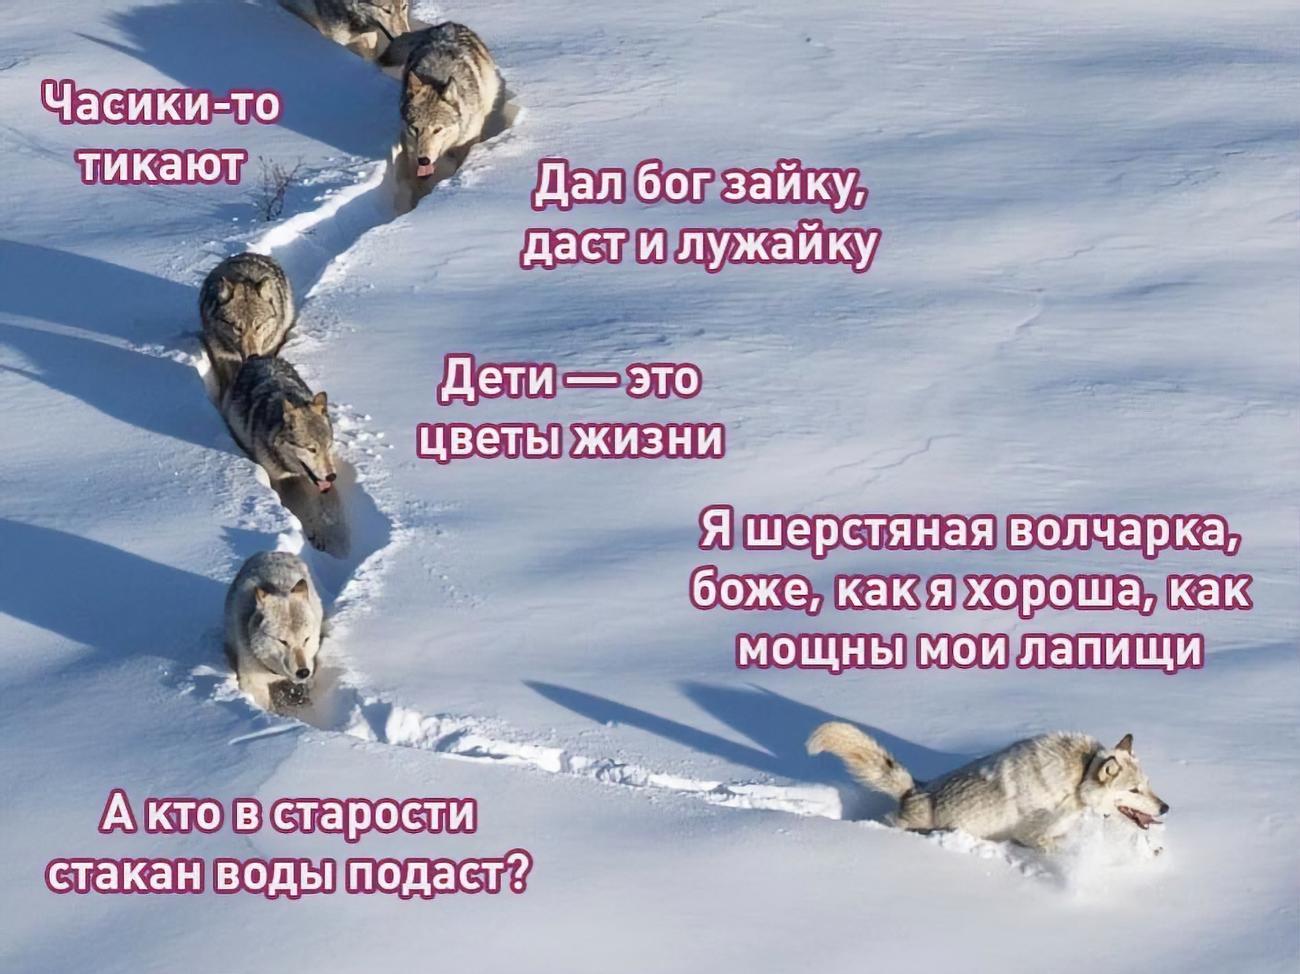 картинка я шерстяной волчара россии этих